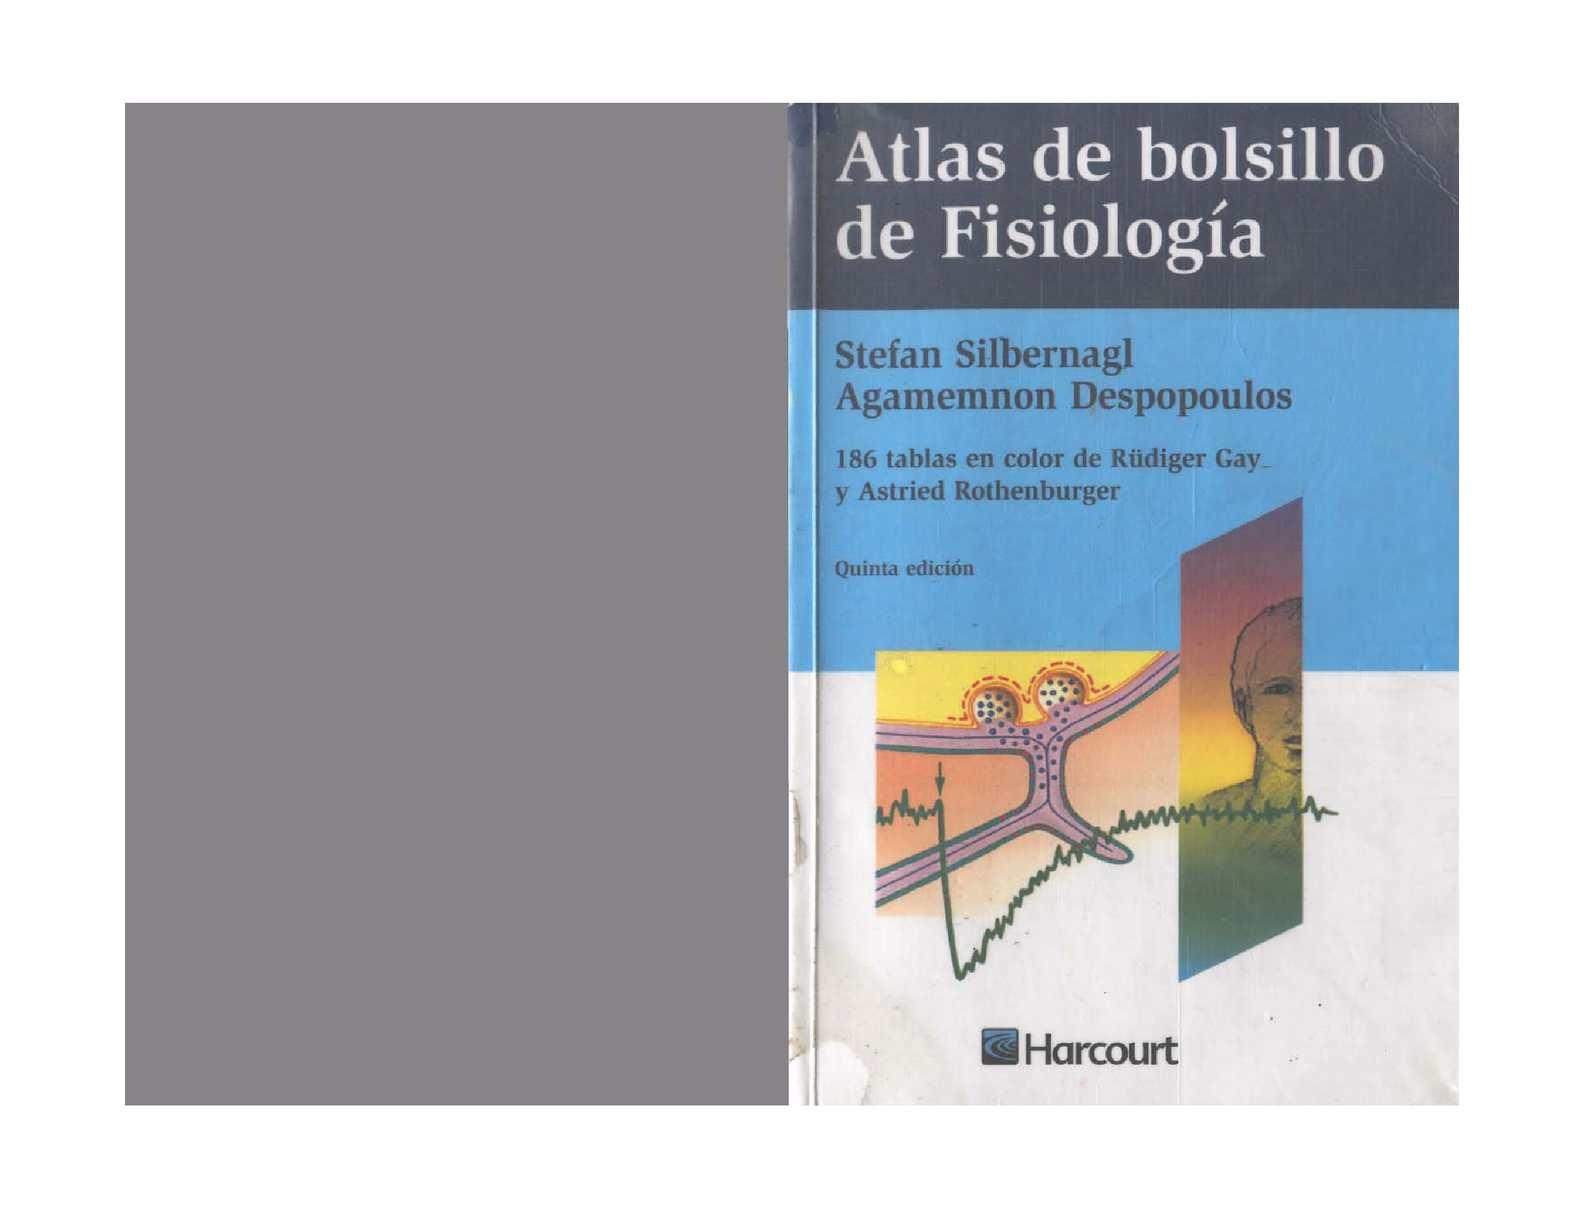 Calaméo - Atlas de Bolsillo De Fisiologia